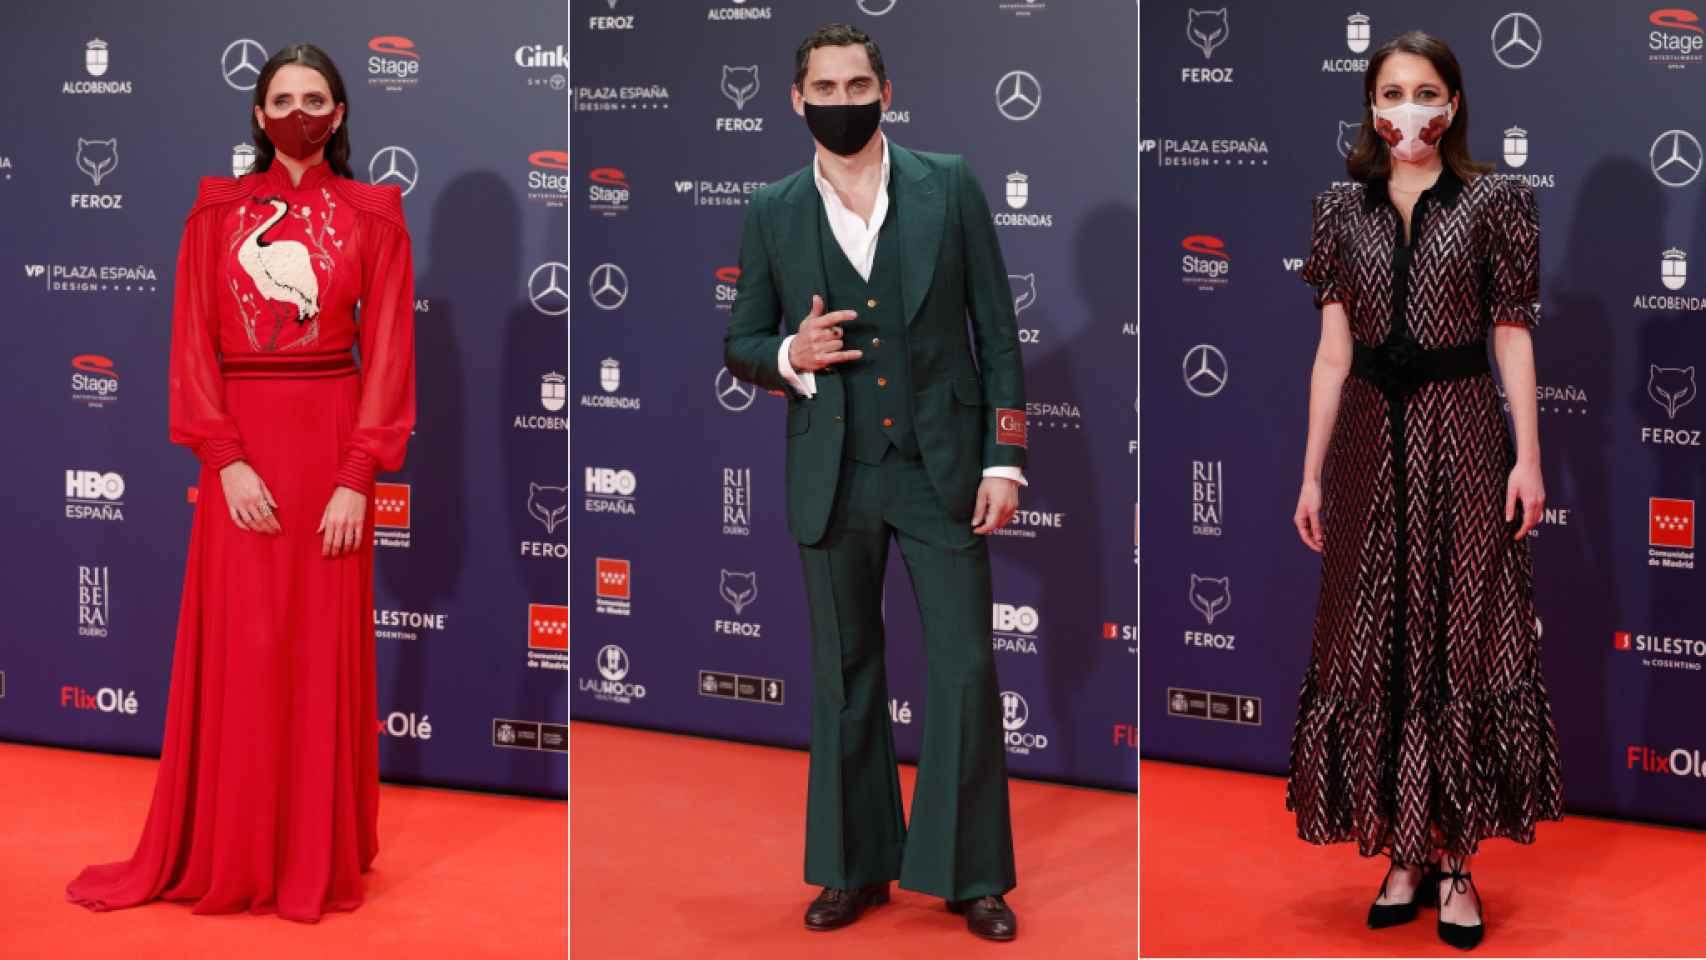 La alfombra roja de los Premios Feroz, en imágenes